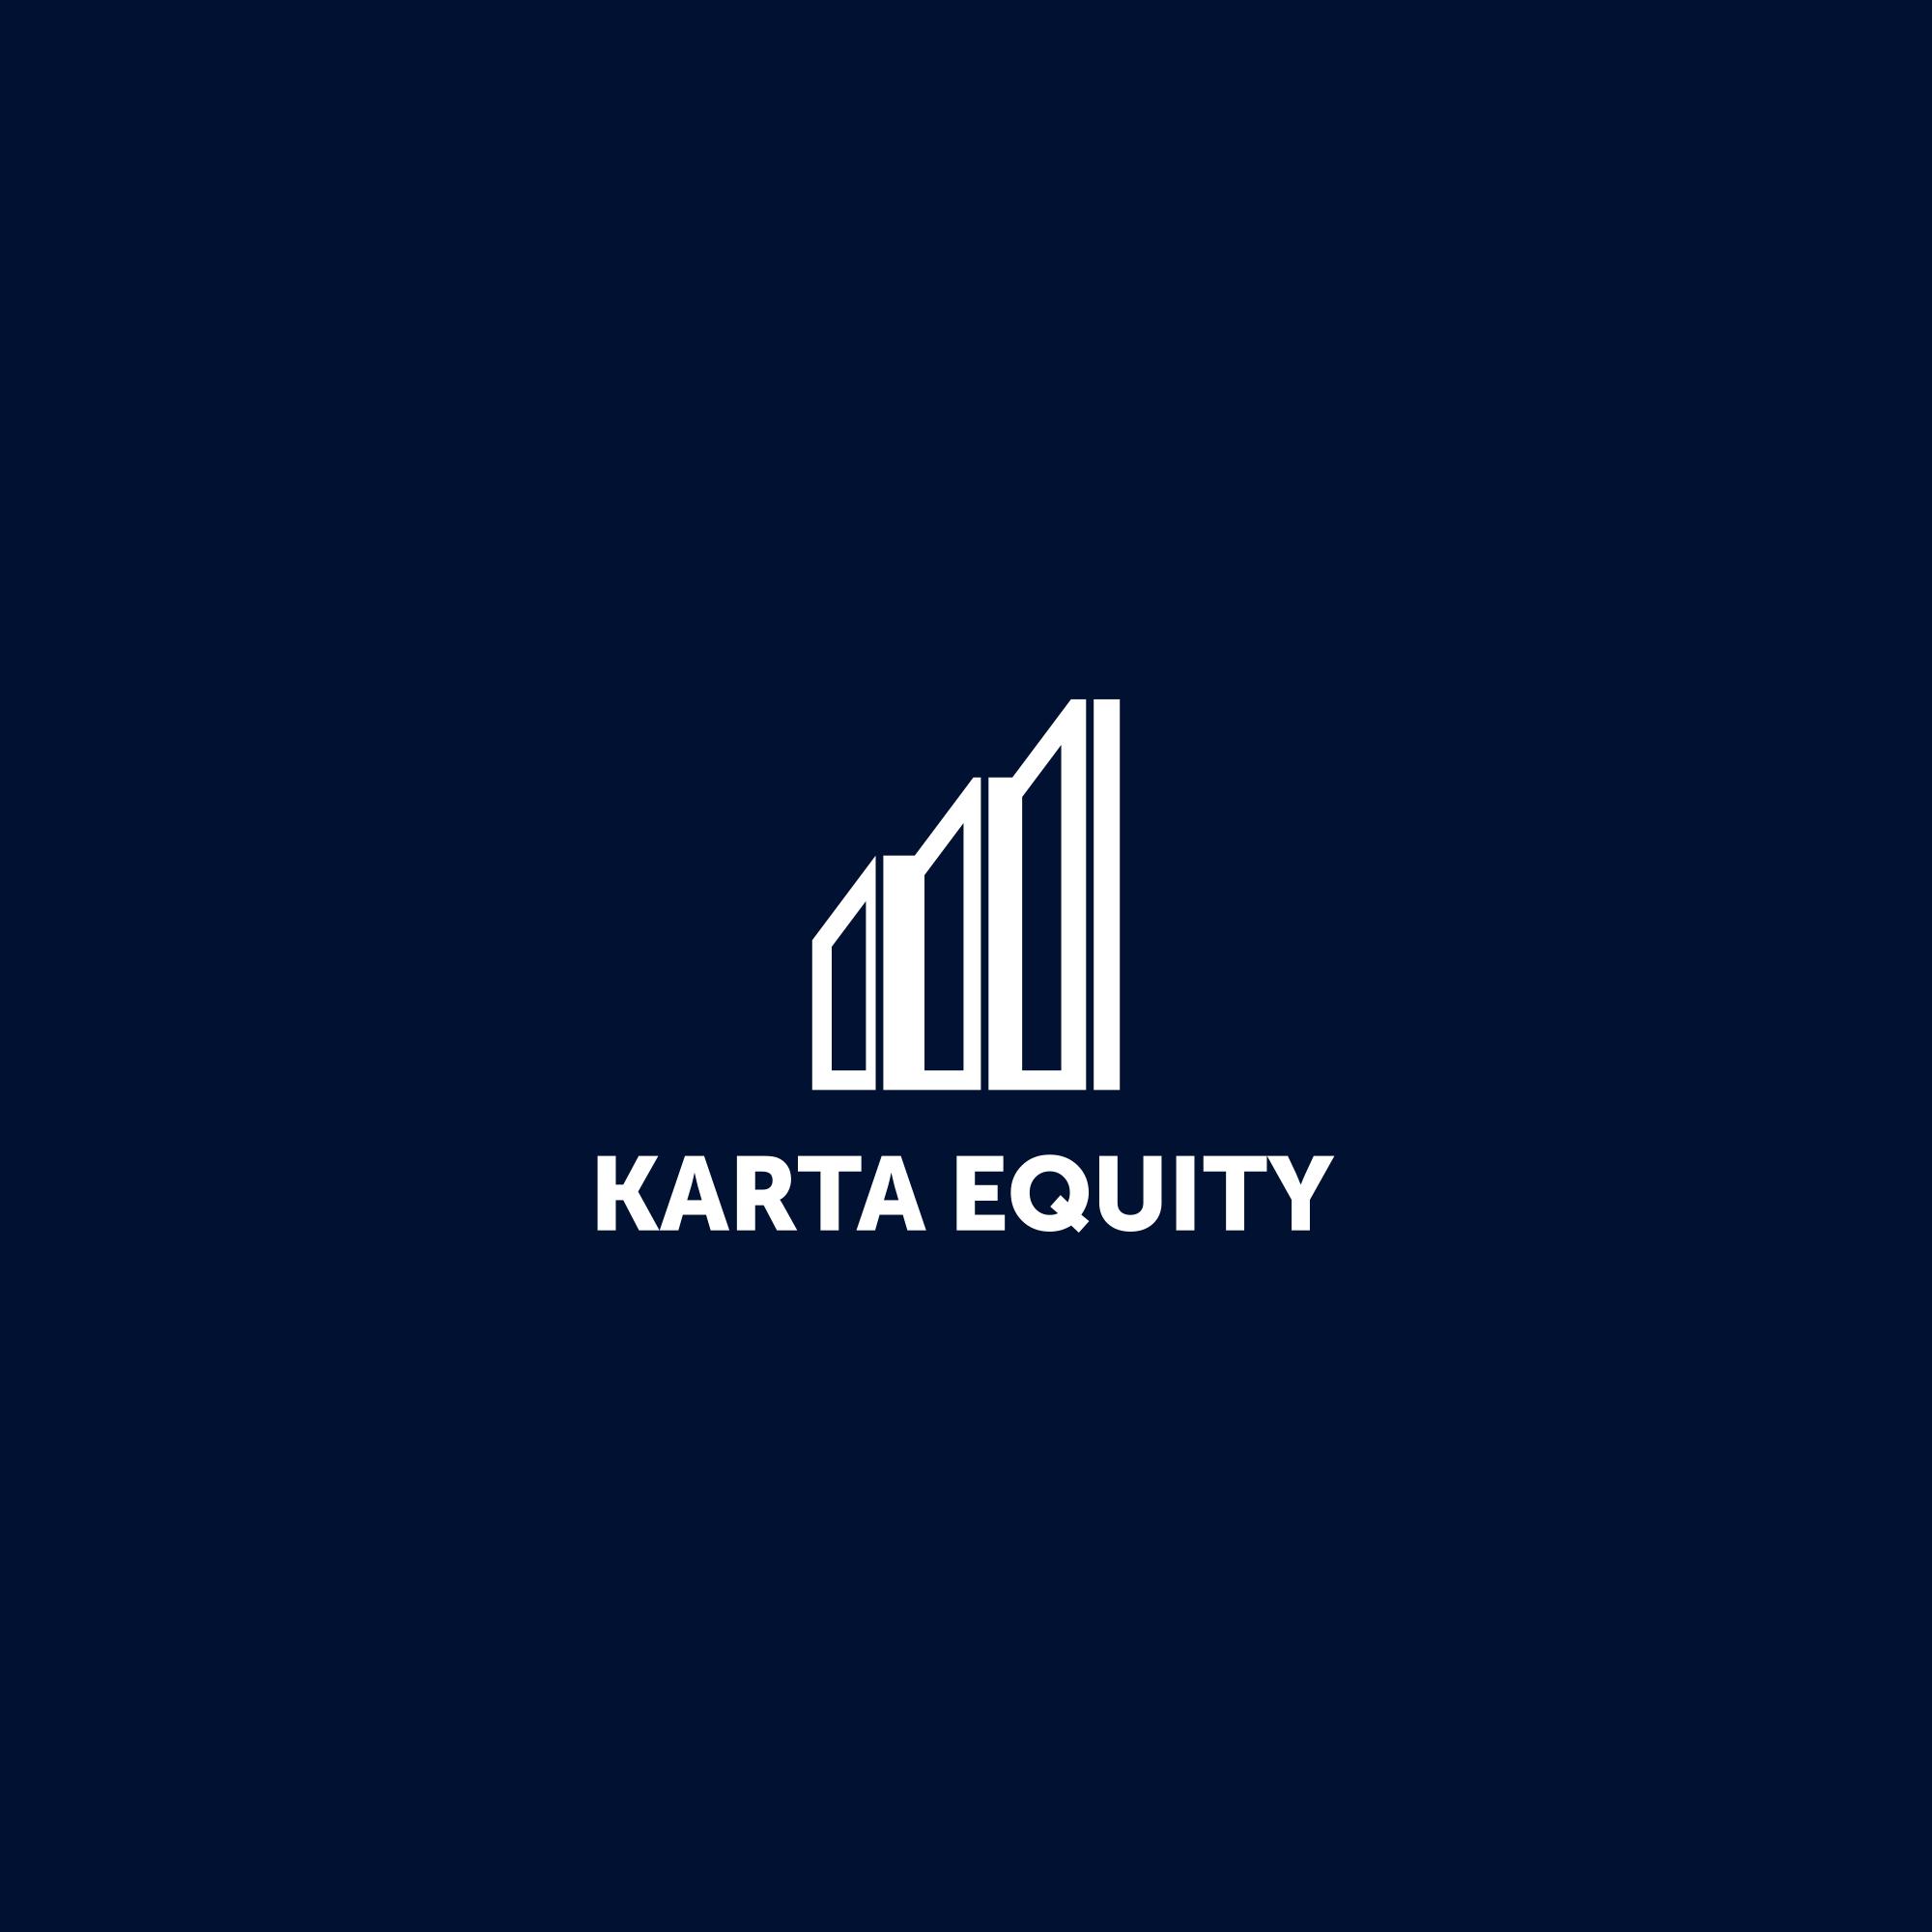 Логотип для компании инвестироваюшей в жилую недвижимость фото f_7945e1238bb1dfe0.png